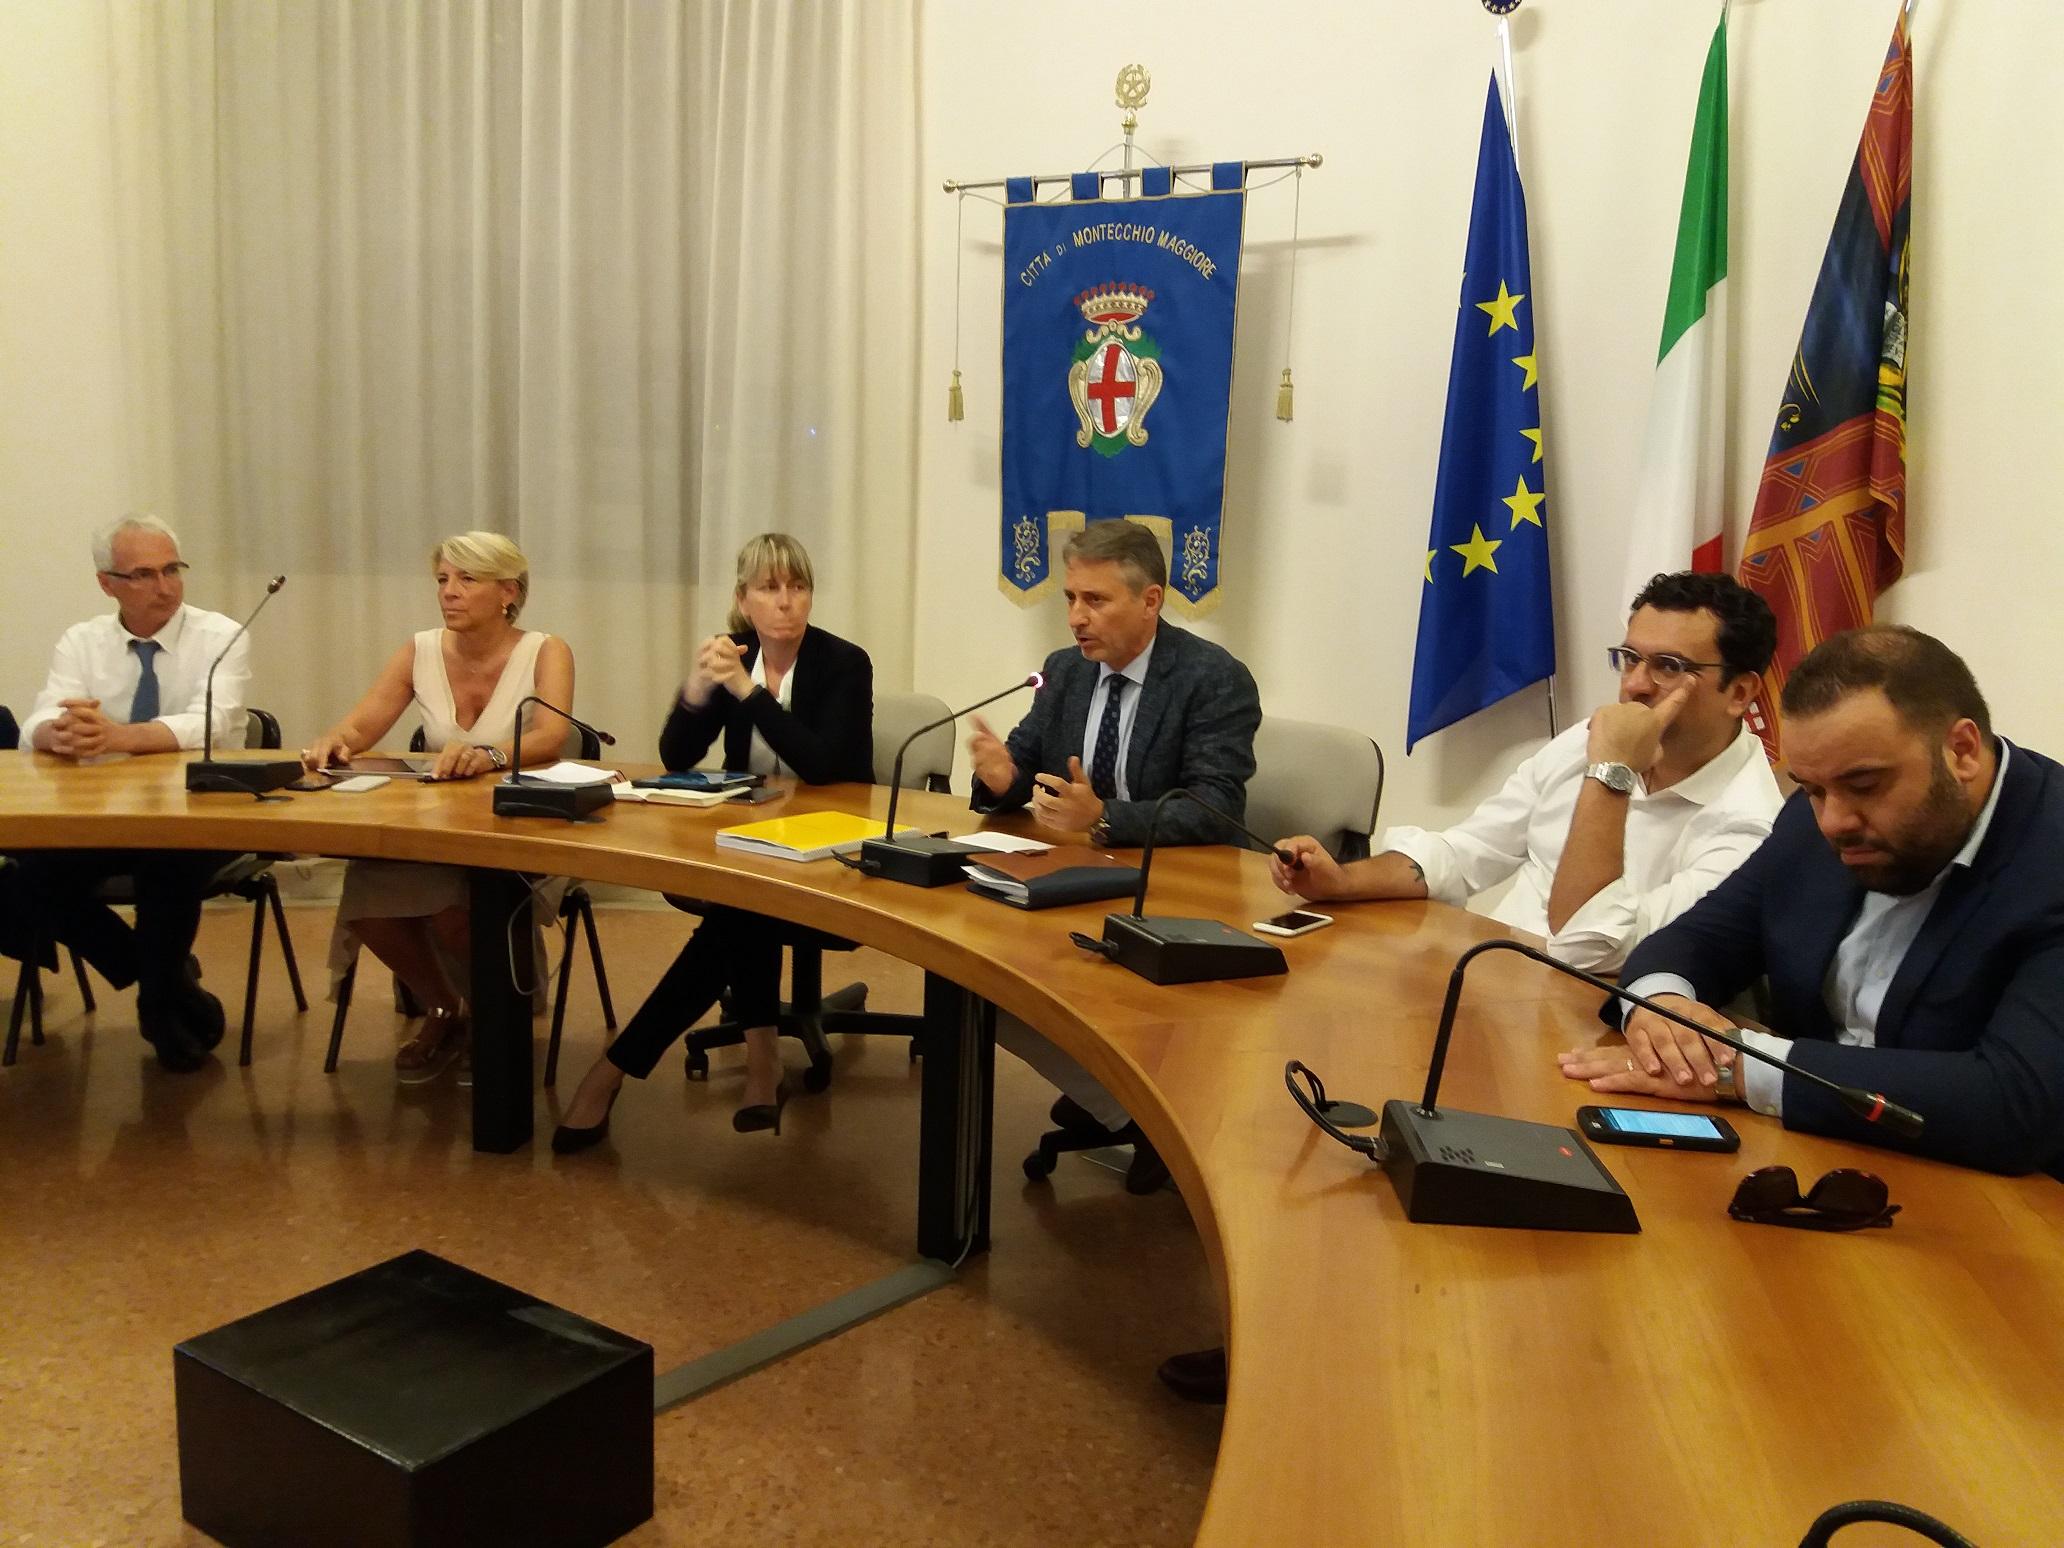 Casello1 (2).jpg